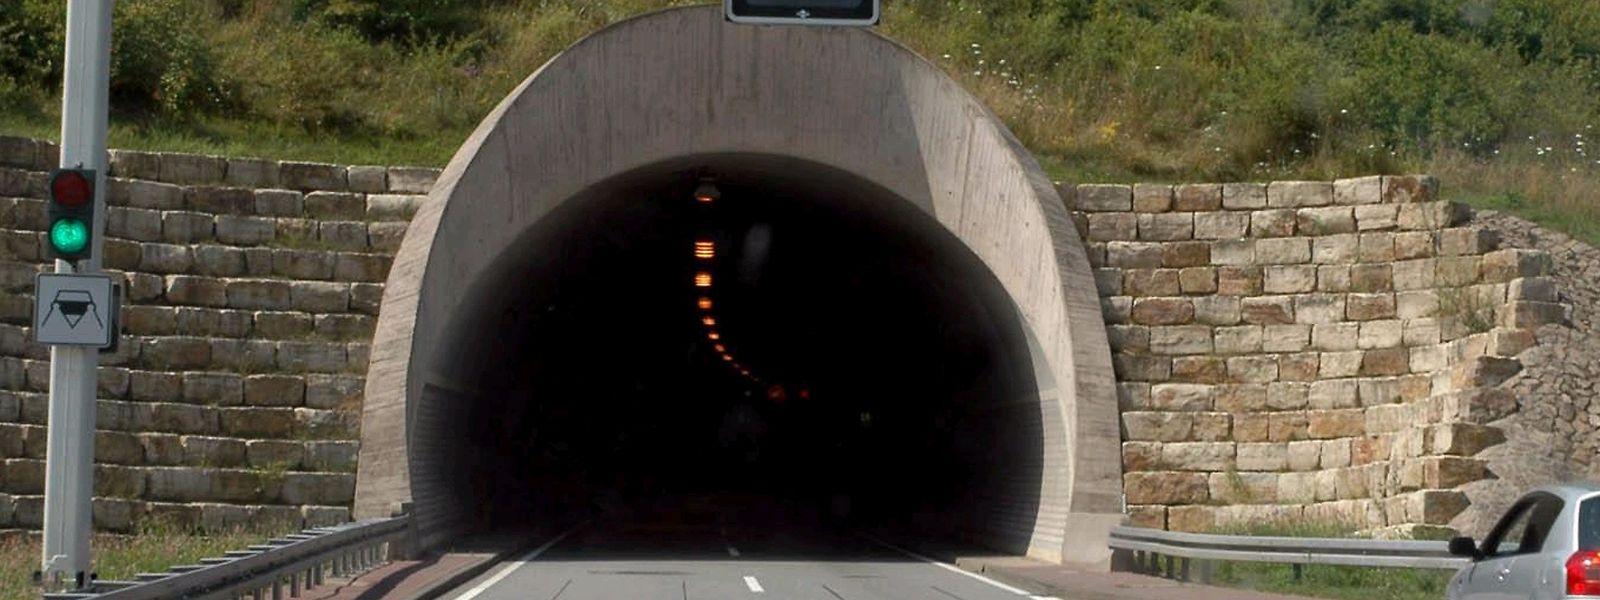 Streckenradare in allen Tunnels?